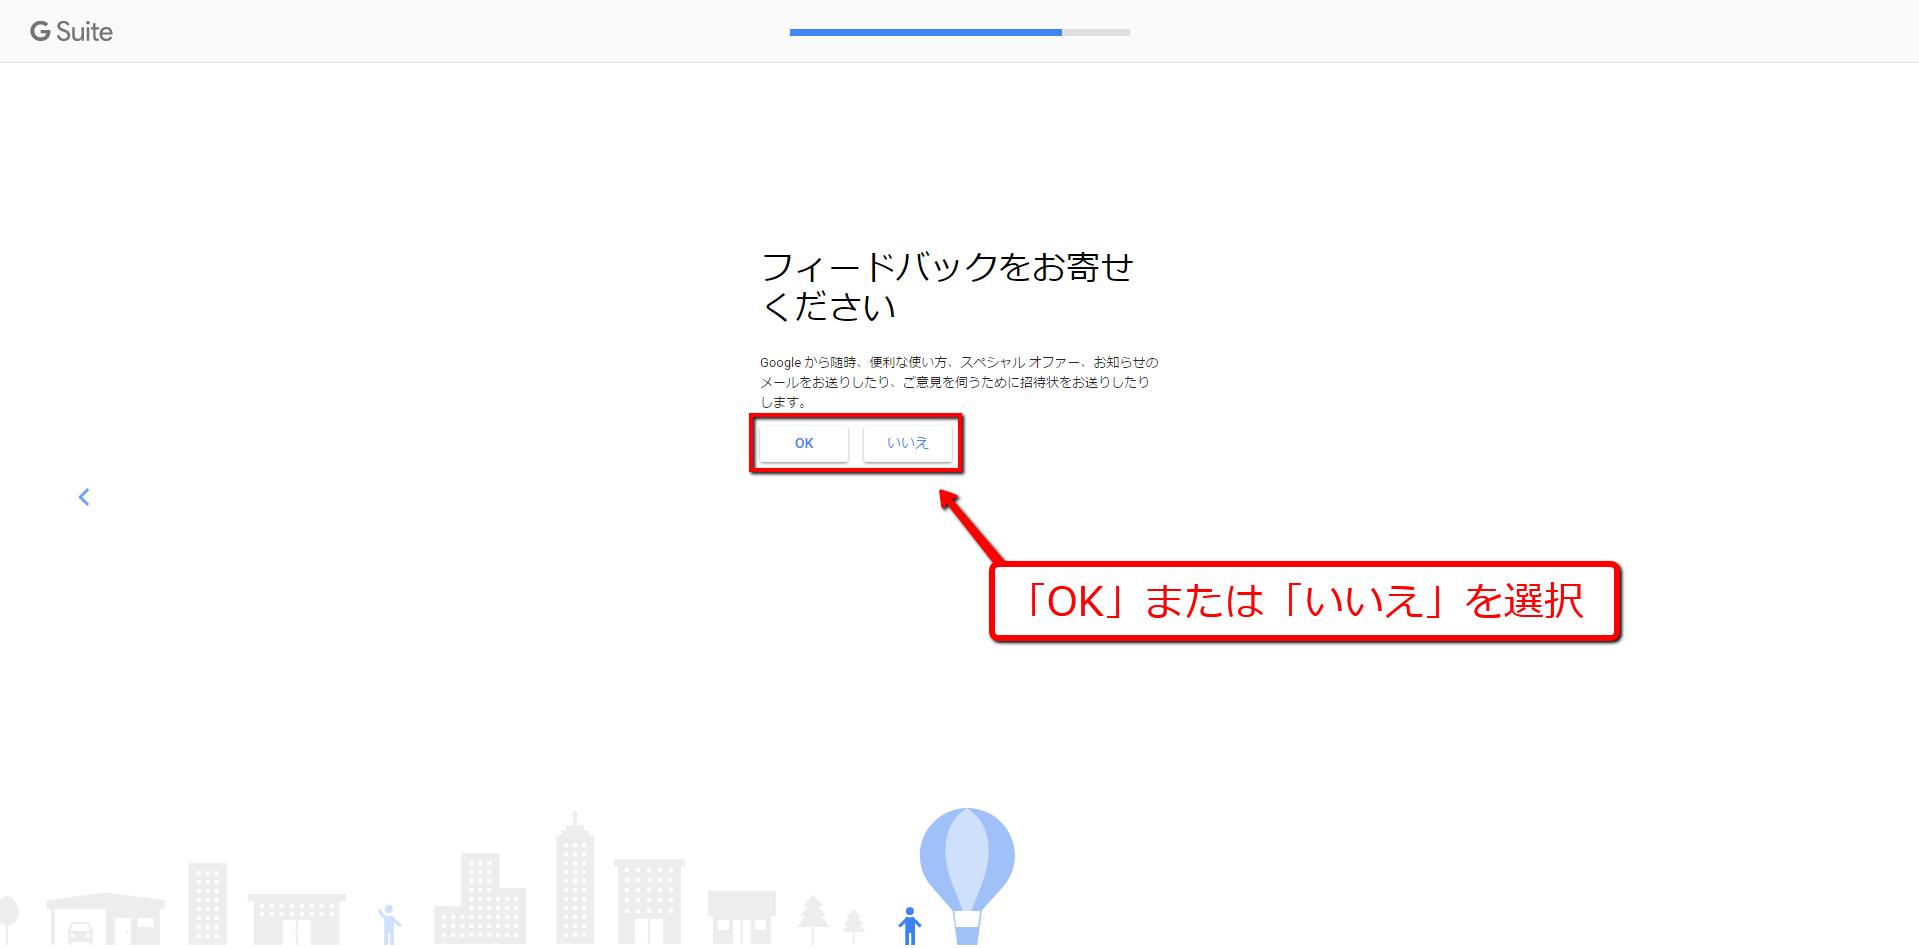 10. Googleからのフィードバックについて「OK」、または「いいえ」を選択